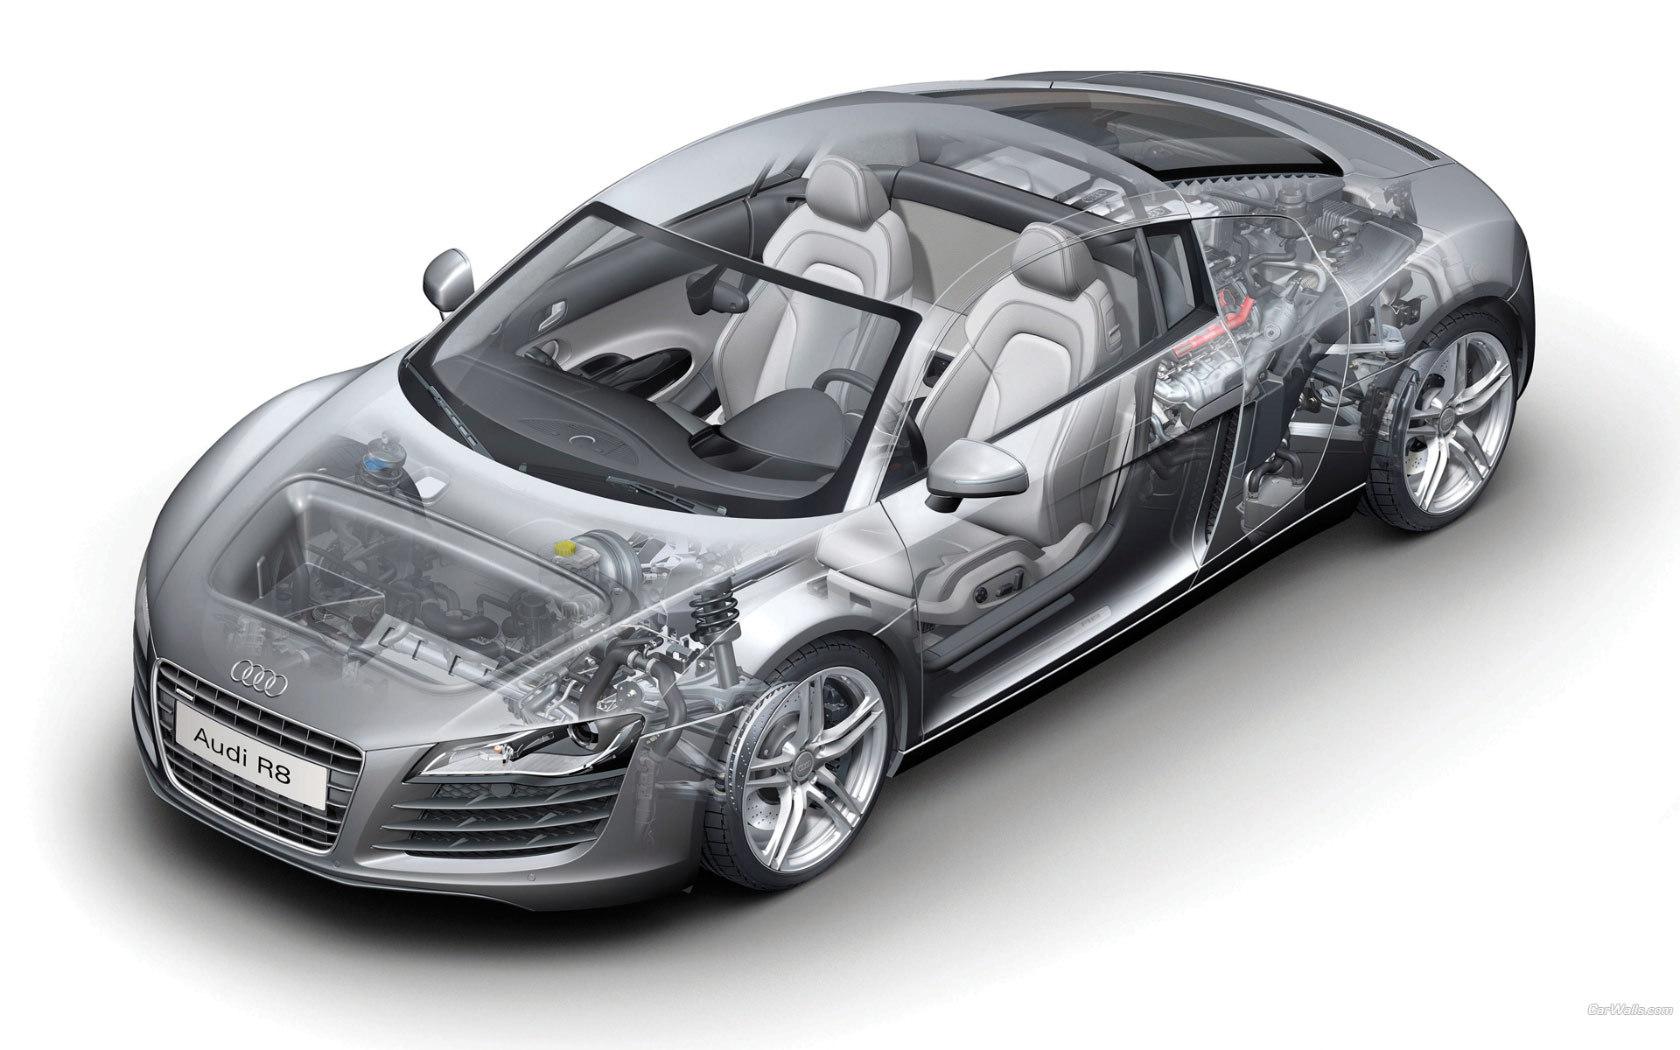 6807 скачать обои Транспорт, Машины, Ауди (Audi) - заставки и картинки бесплатно